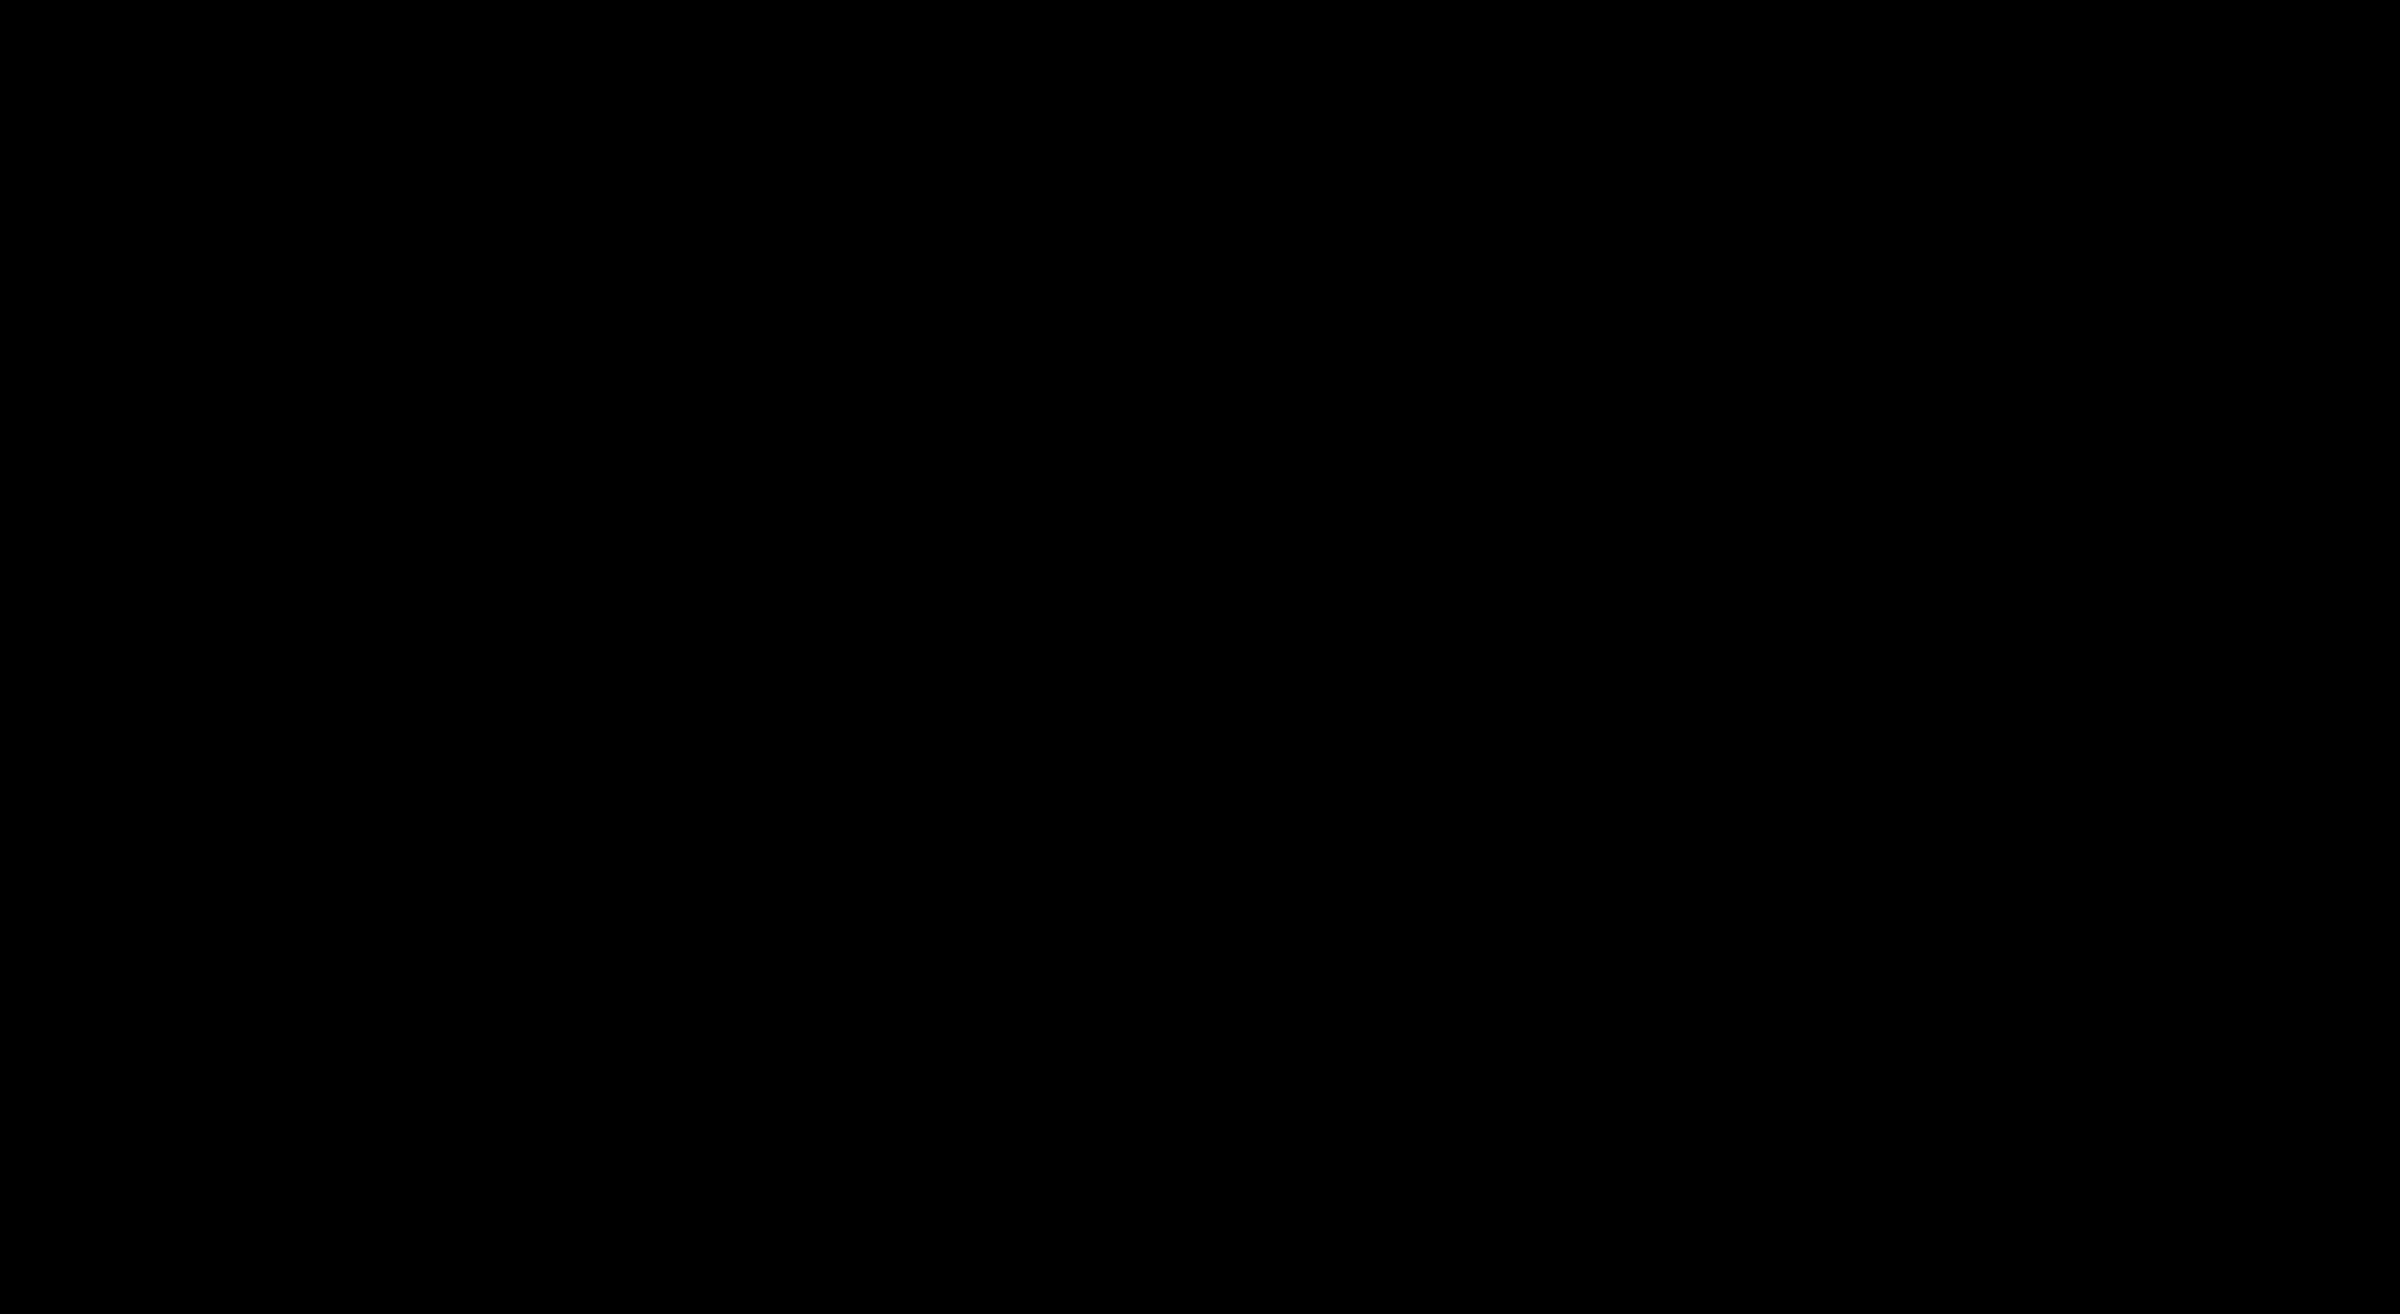 cascade-3-logo-png-transparent